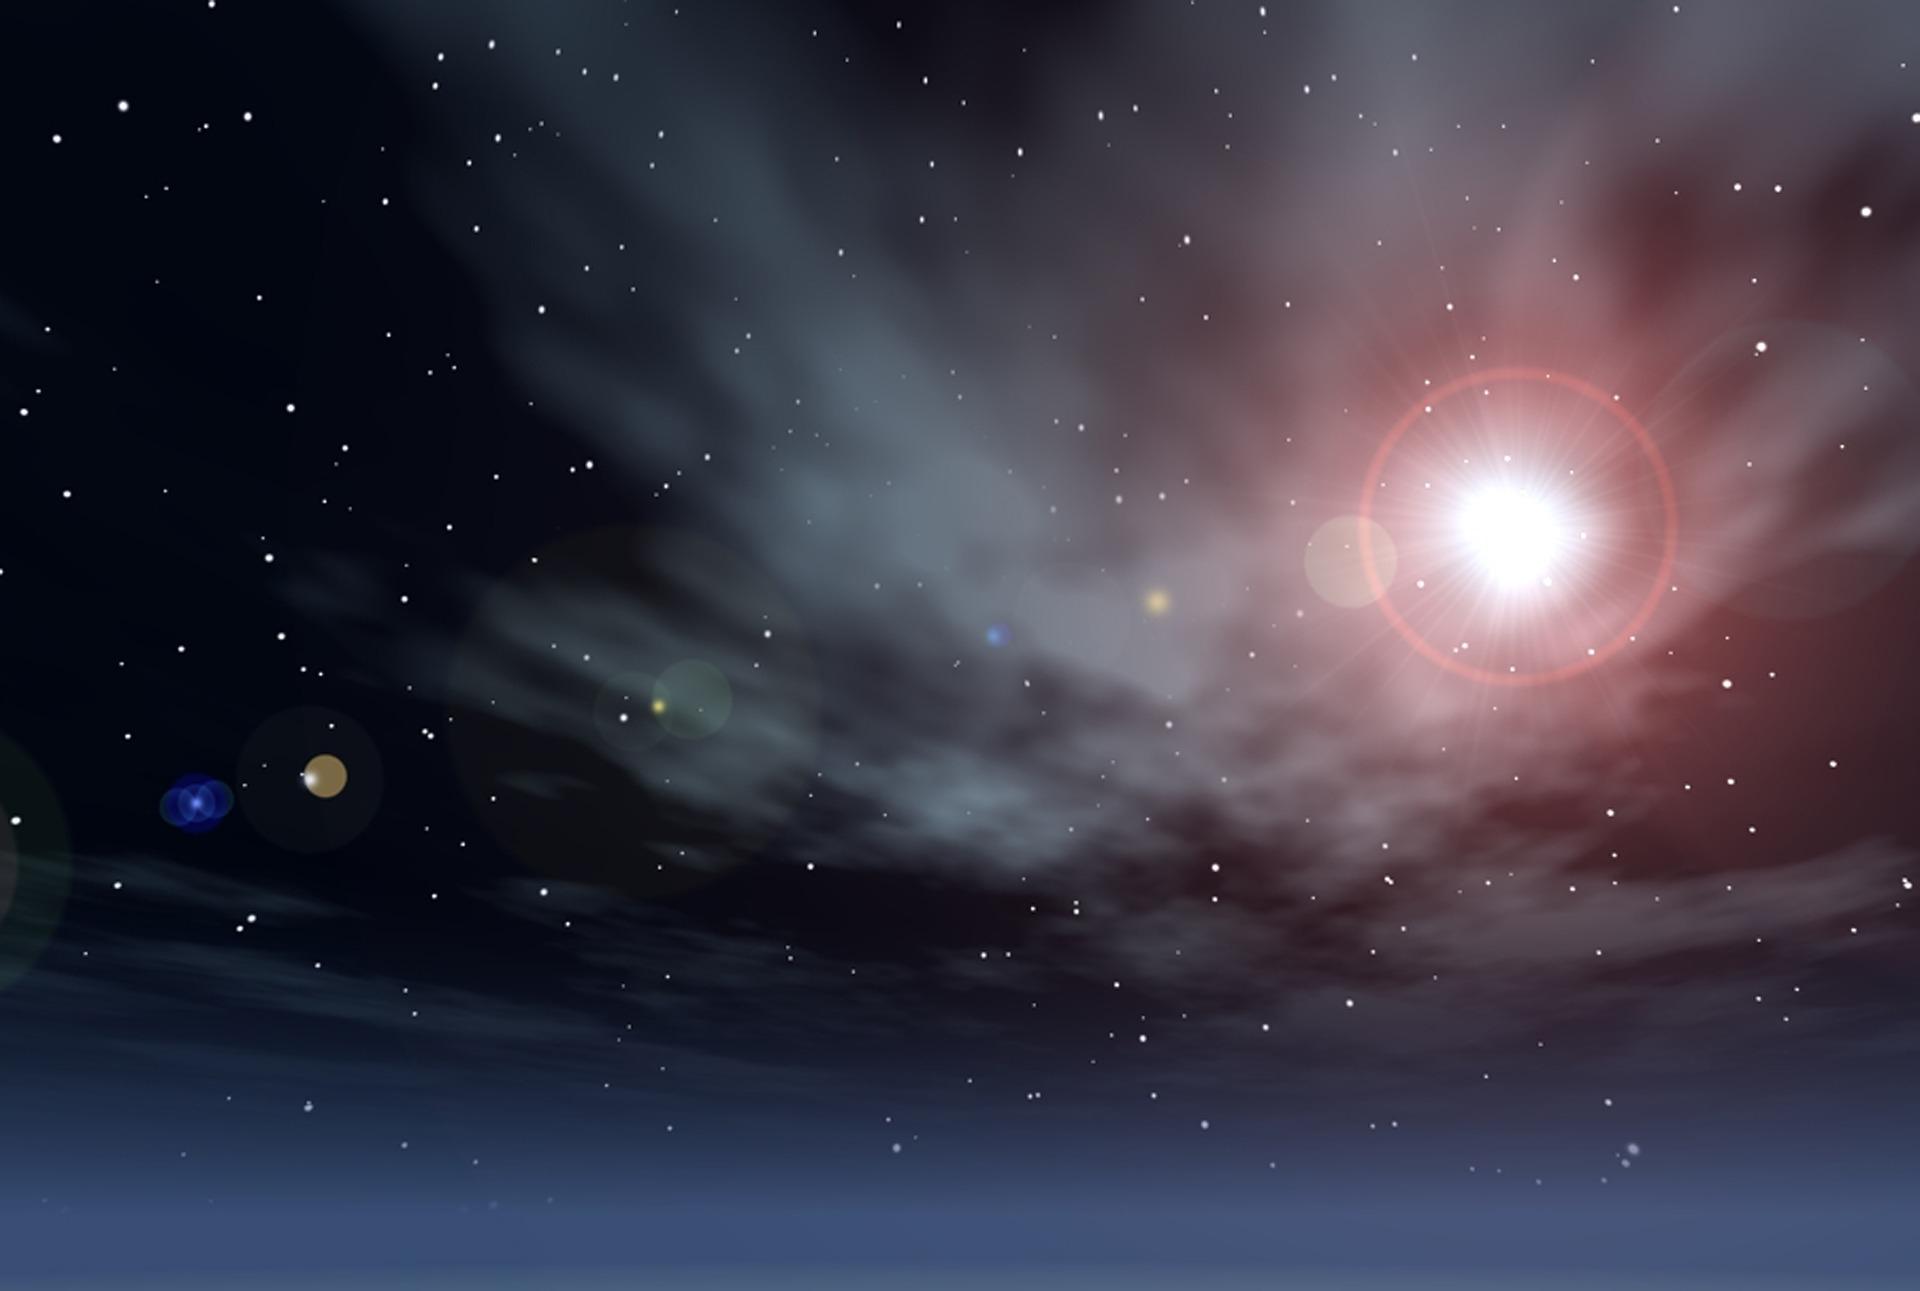 「天王星人マイナス(-、陰)」のあなたの性格や運勢